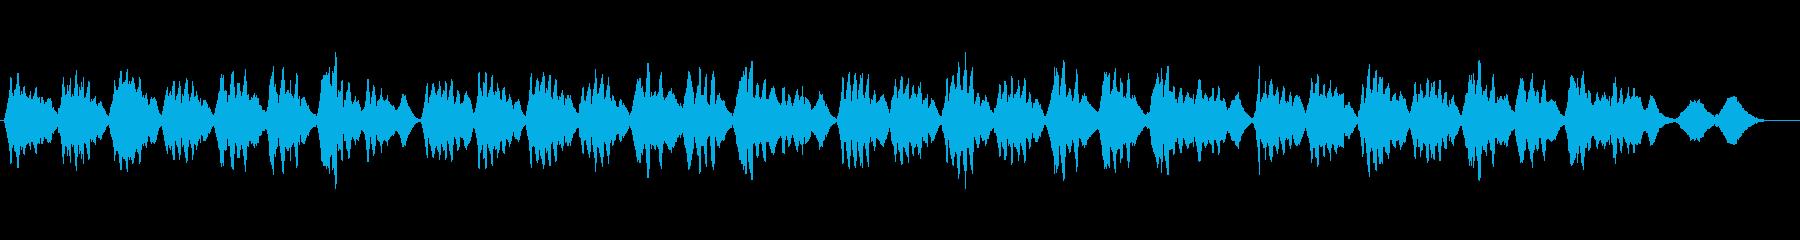 美しい弦楽四重奏の響きによる讃美歌461の再生済みの波形